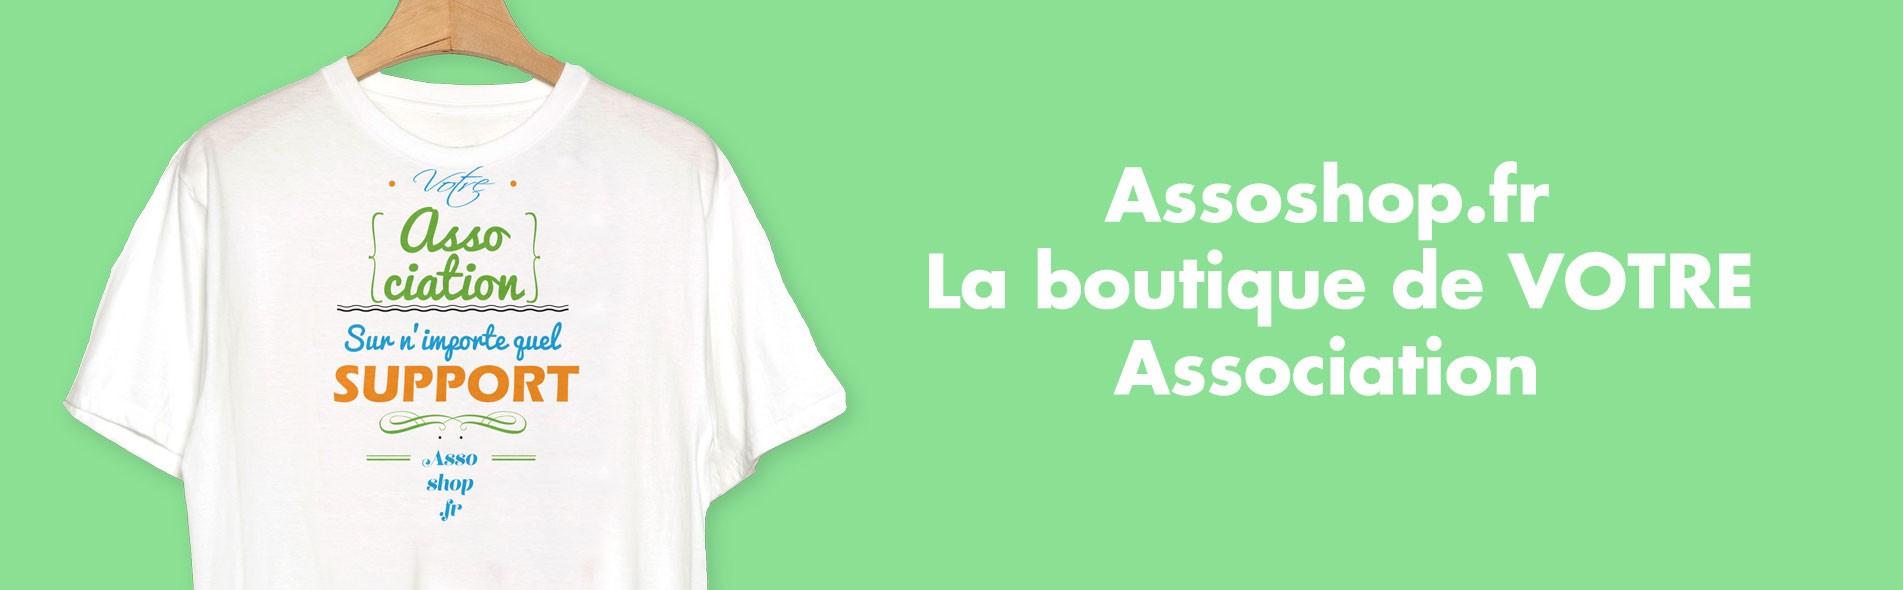 Assoshop.fr